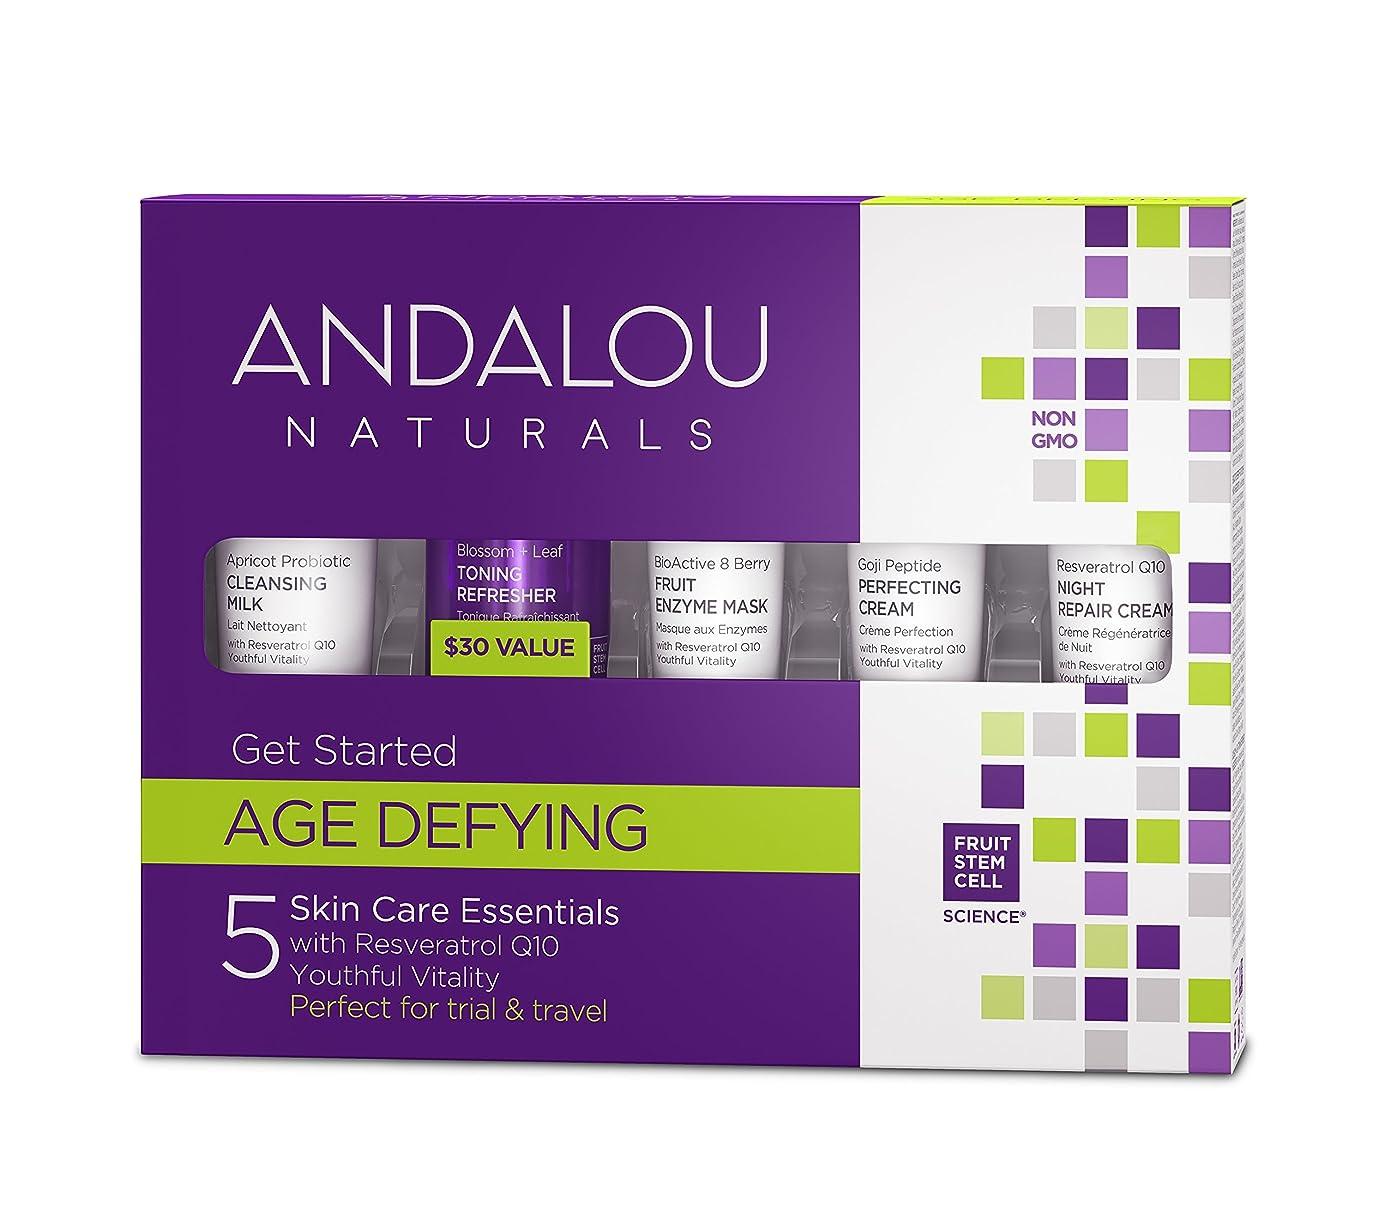 口水銀のいらいらするオーガニック ボタニカル トライアルキット 化粧水 洗顔料 ナチュラル フルーツ幹細胞 「 A トライアルキット 」 ANDALOU naturals アンダルー ナチュラルズ